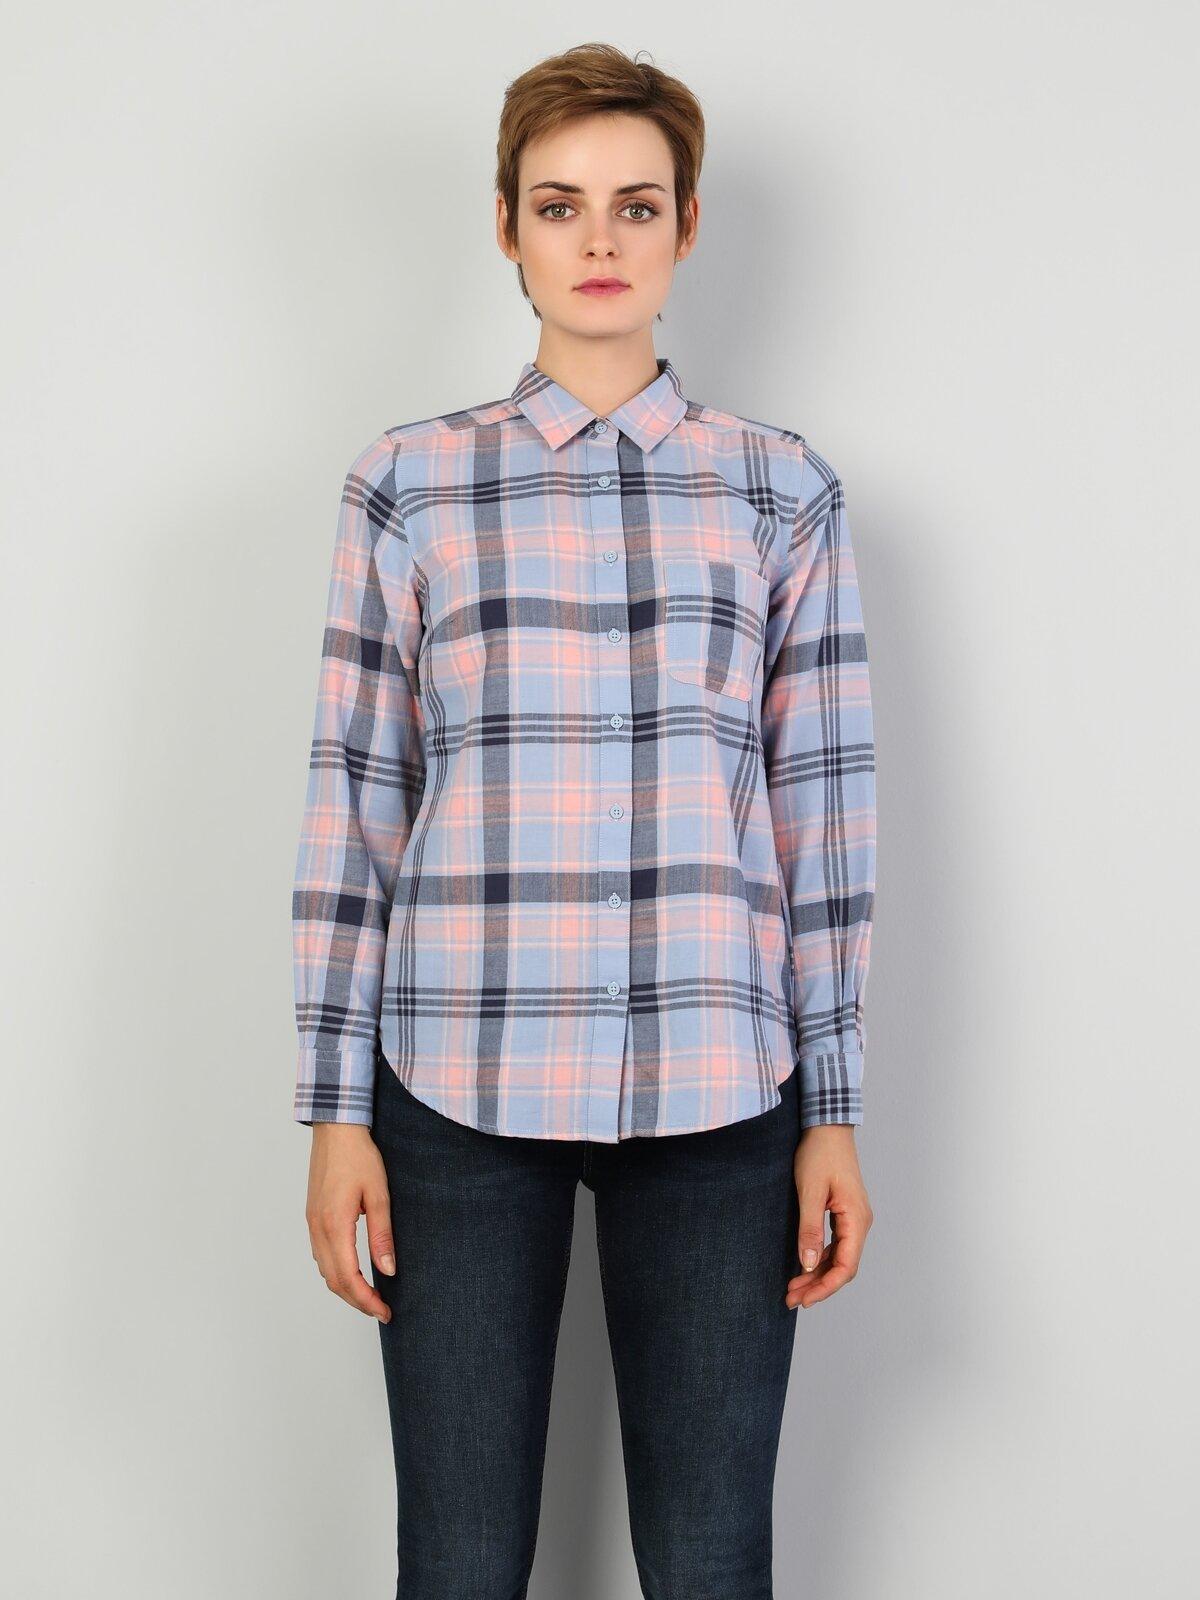 Super Slim Fit Standart Kol V Yaka Mavi Kadın Gömlek Uzun Kol